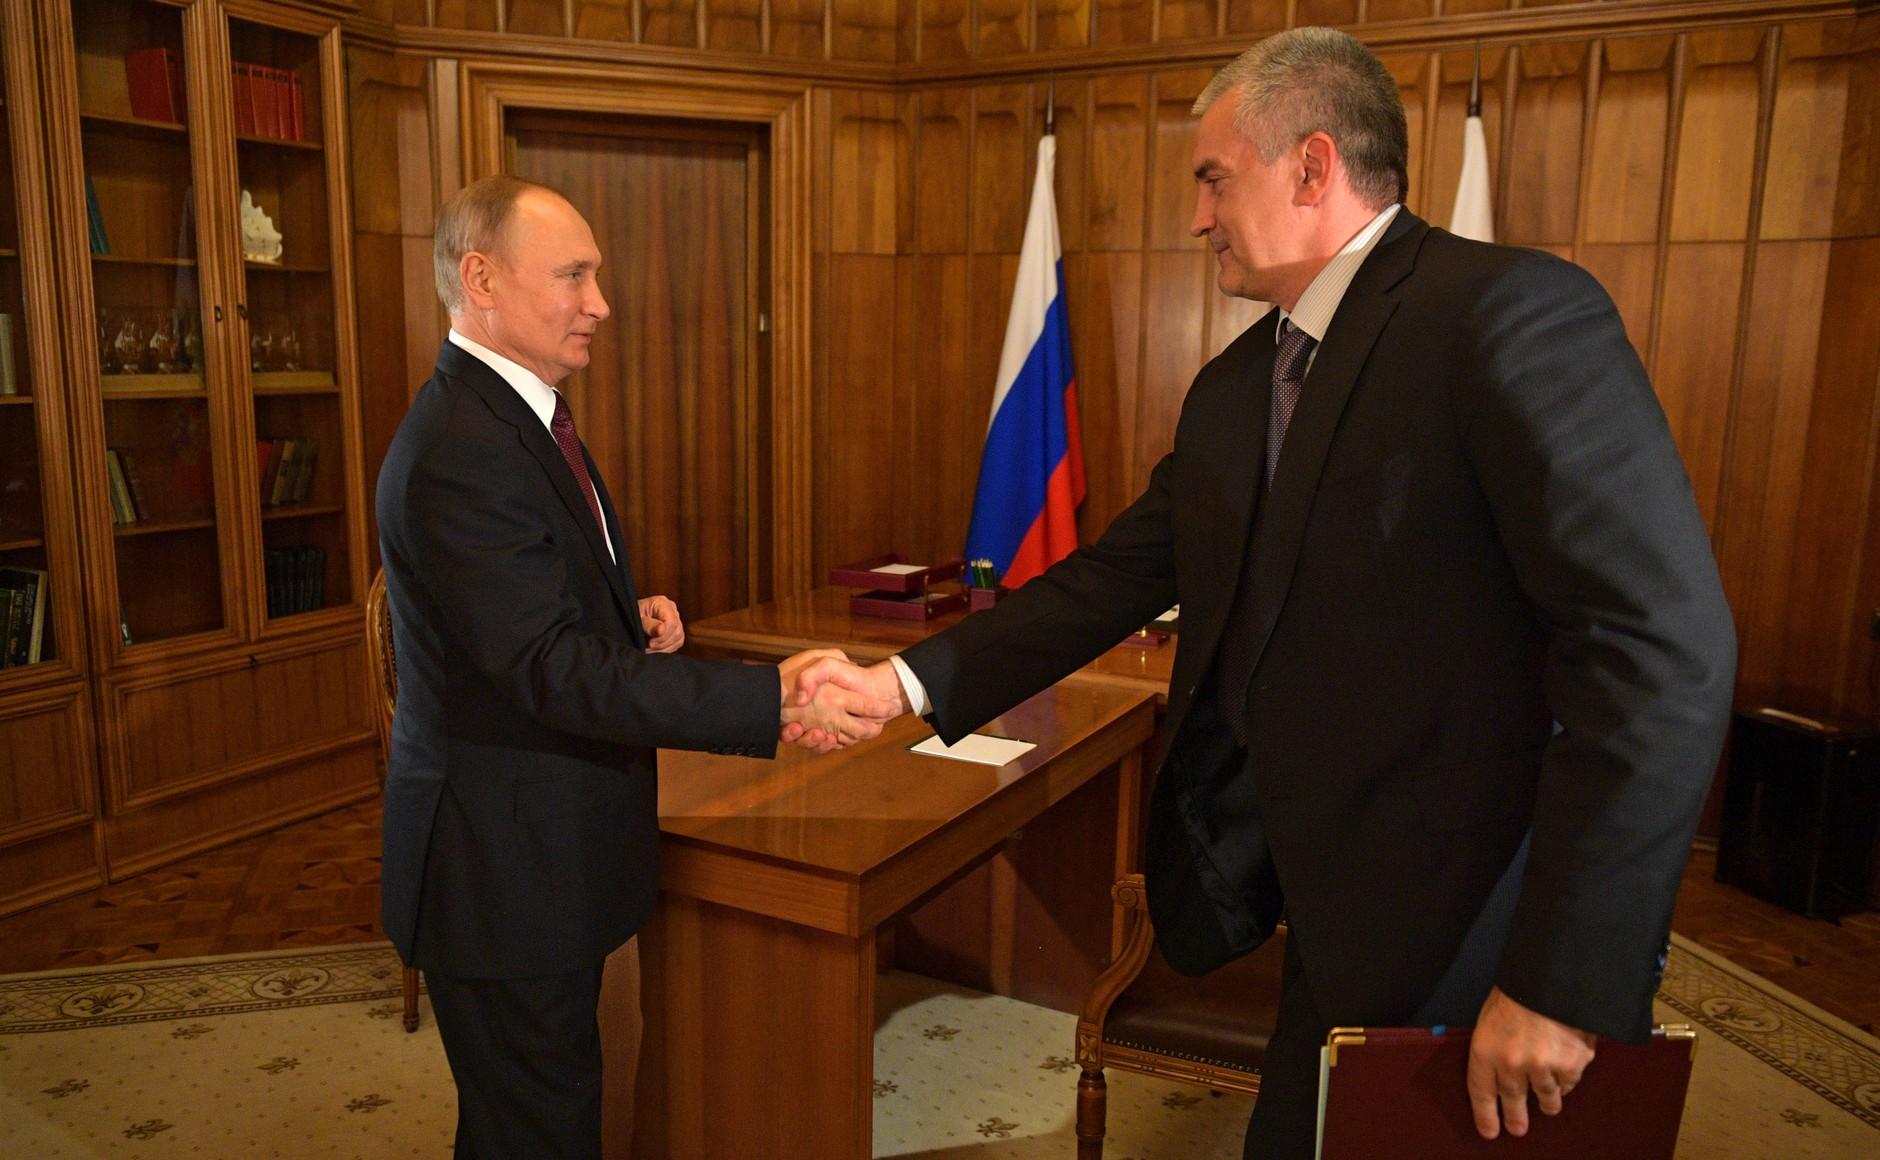 Путин наградил Аксенова орденом за вклад в развитие Крыма